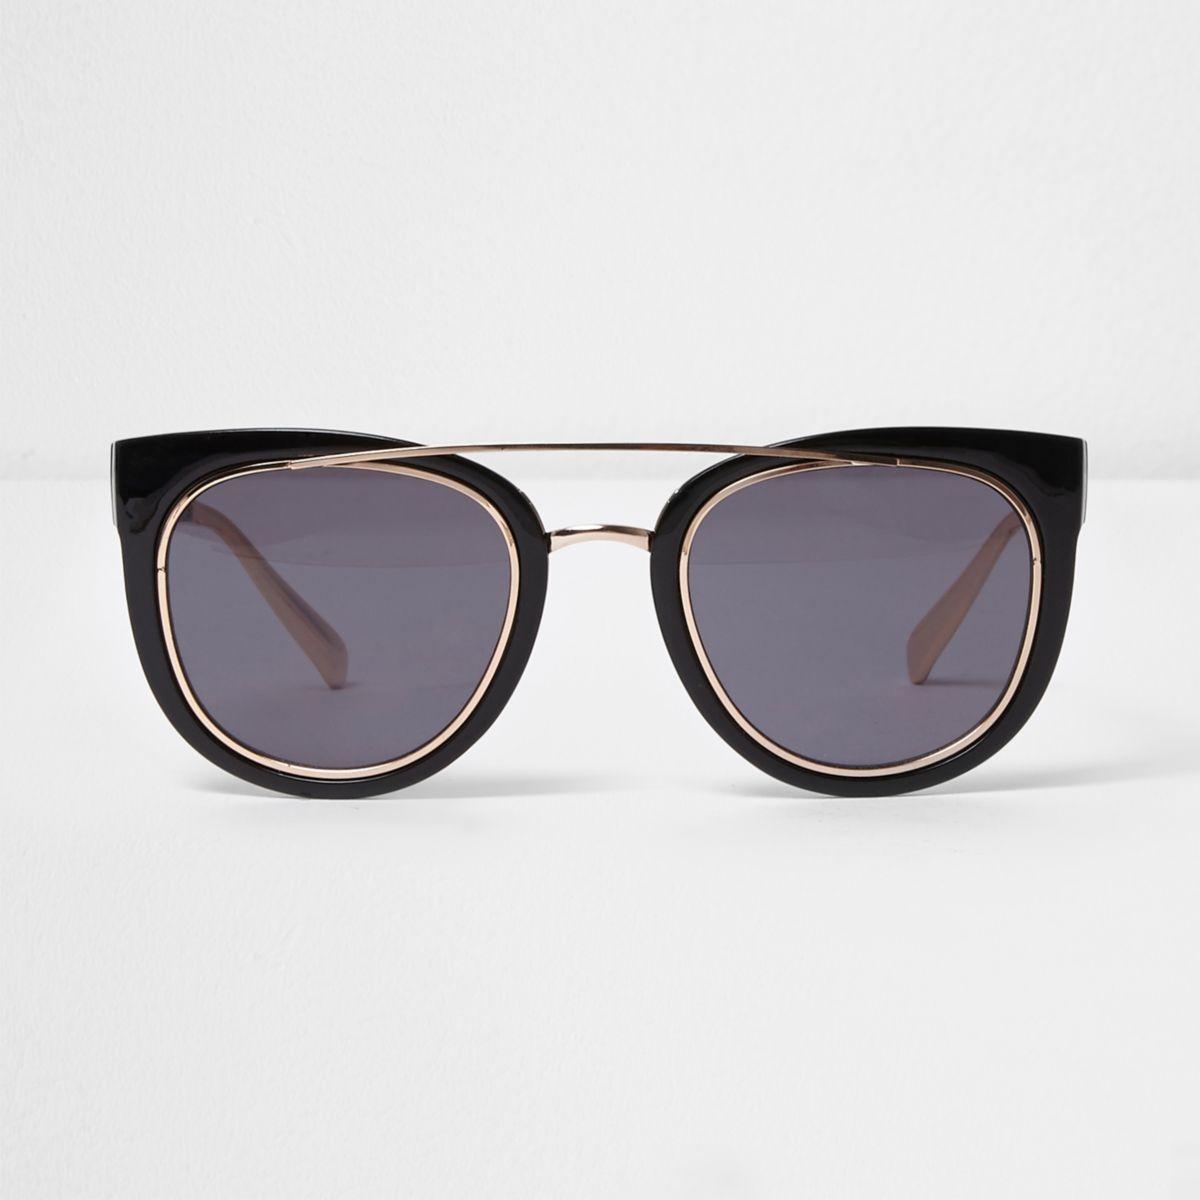 Black brow bar smoke lens sunglasses